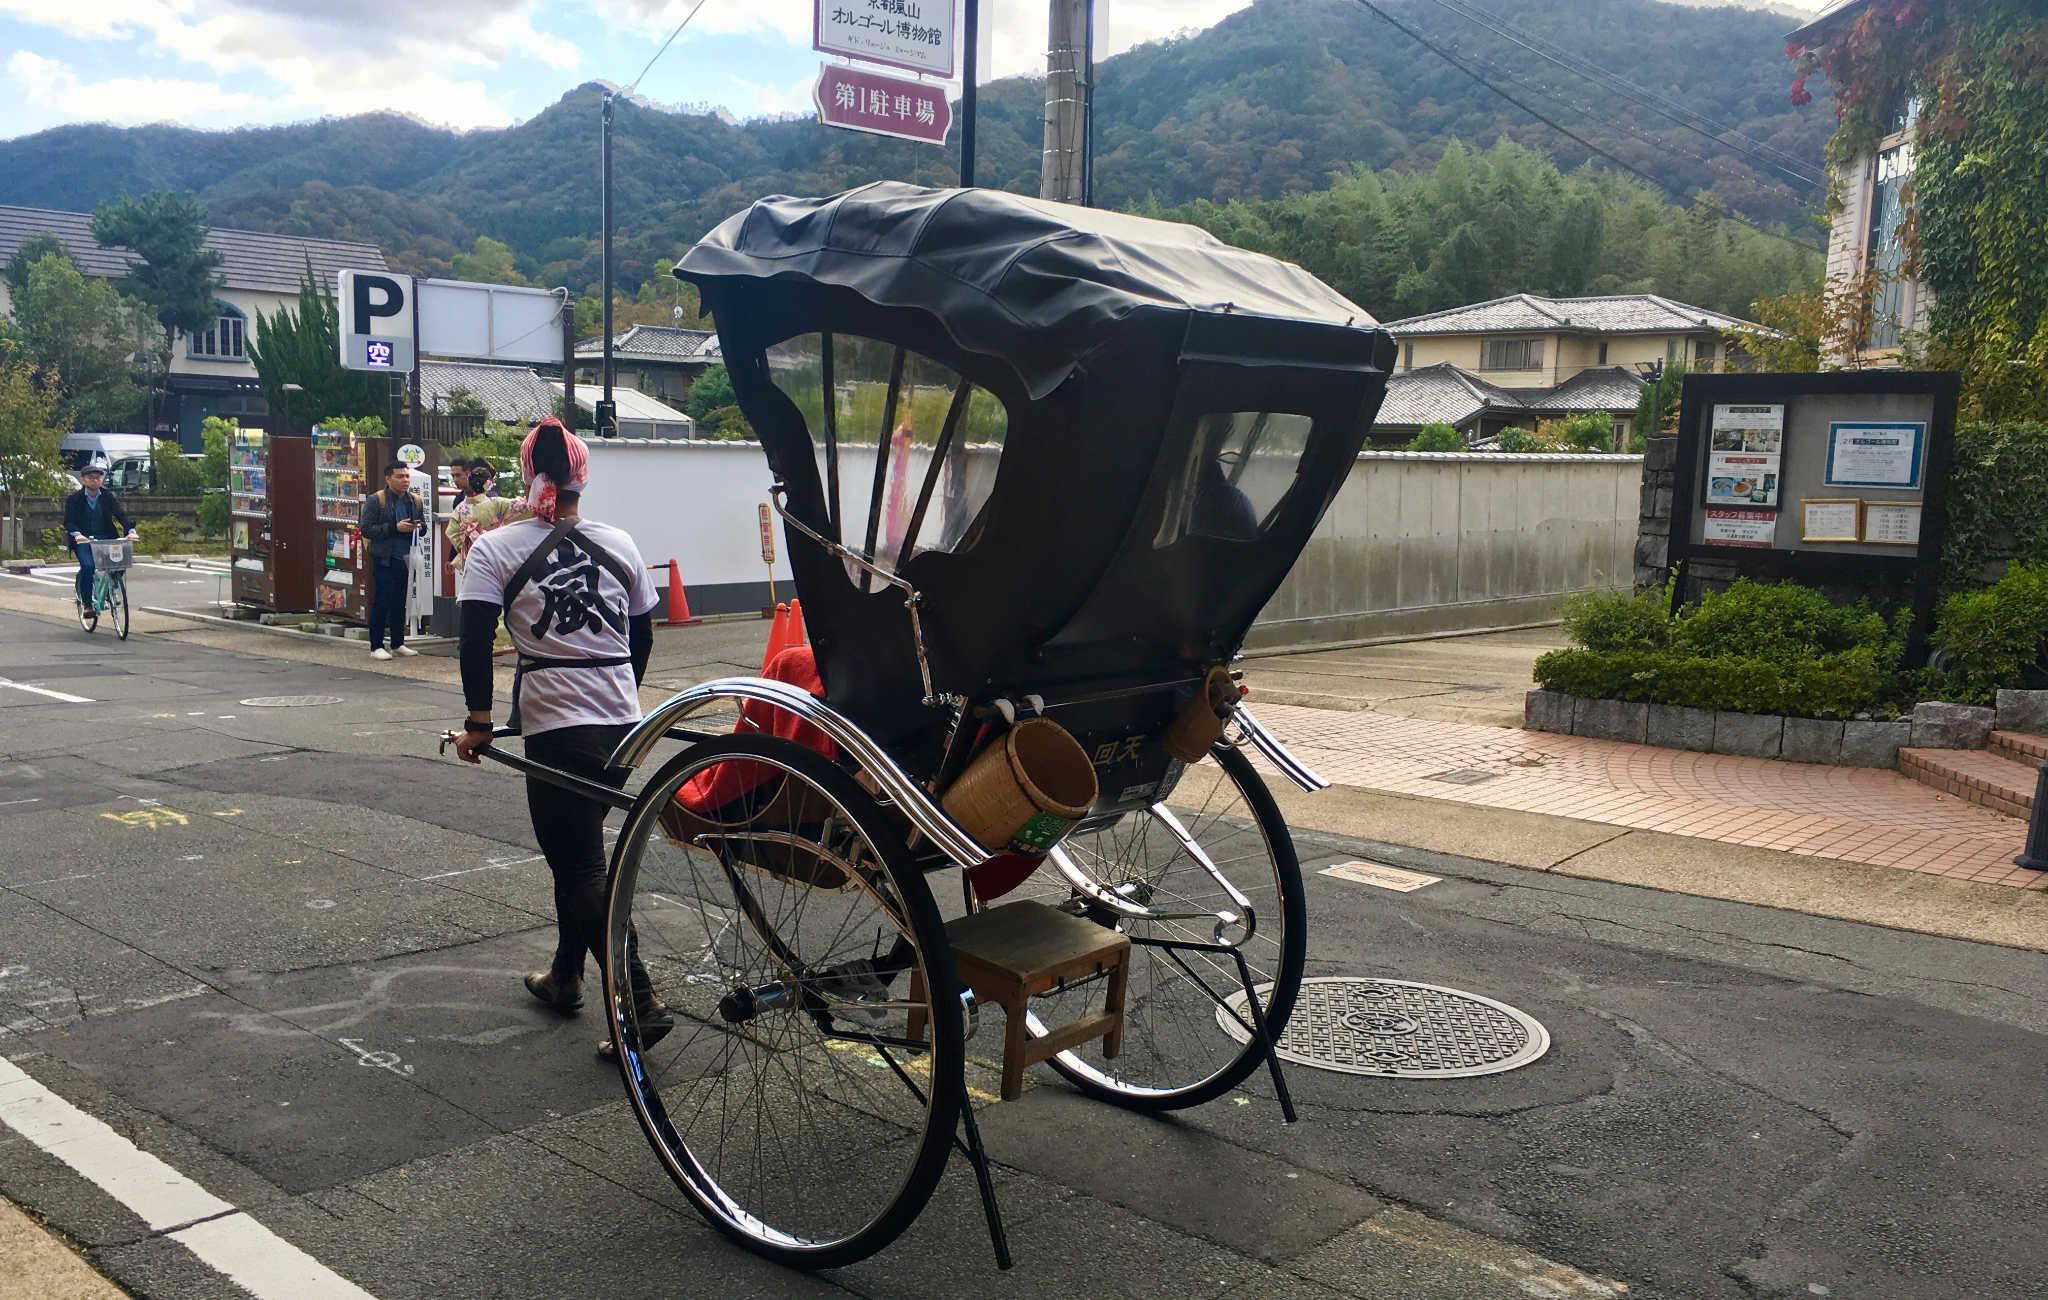 Une balade en rickshaw à faire à deux, un moyen sympa de se déplacer